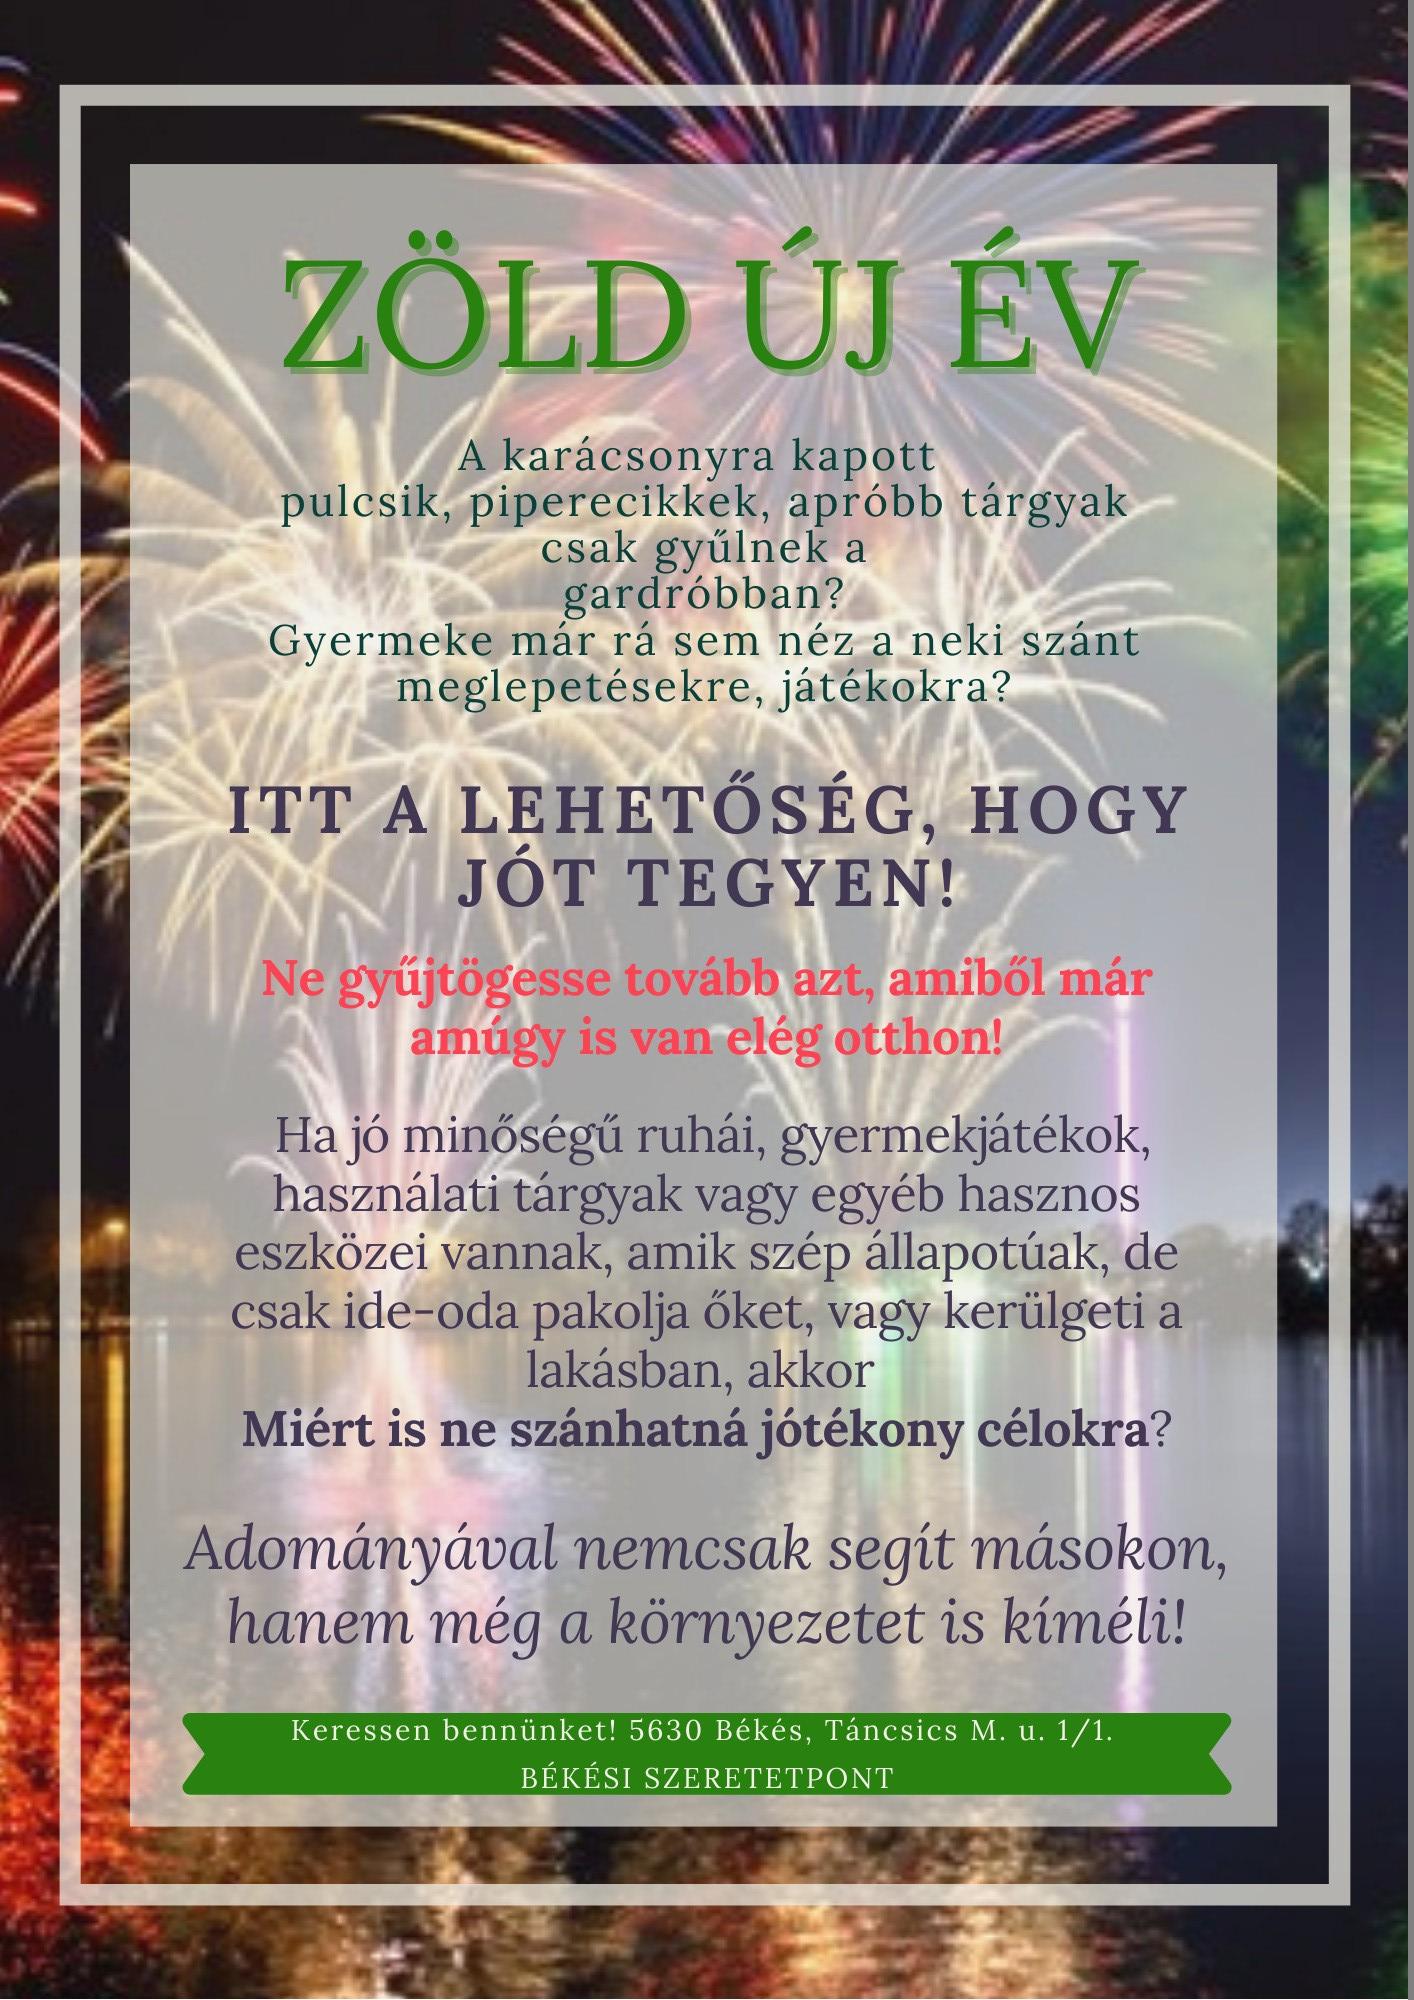 zold-uj-ev-poszter-2021